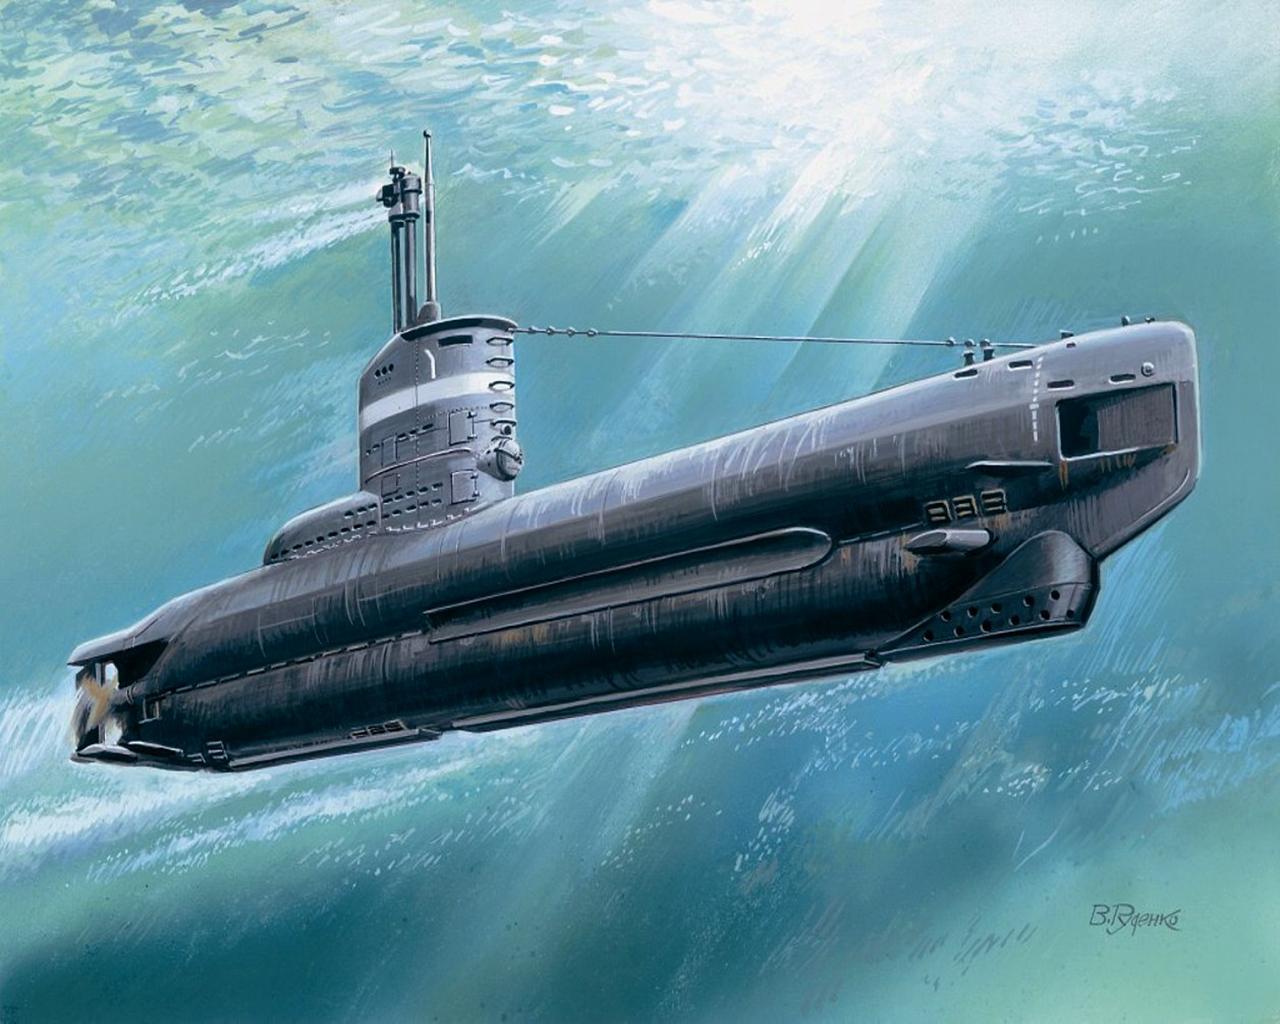 В связи с праздником, для кораблей класса ПЛ были увеличены коэффициенты получения опыта в 2 раза, а кредитов и очко ... - Изображение 1